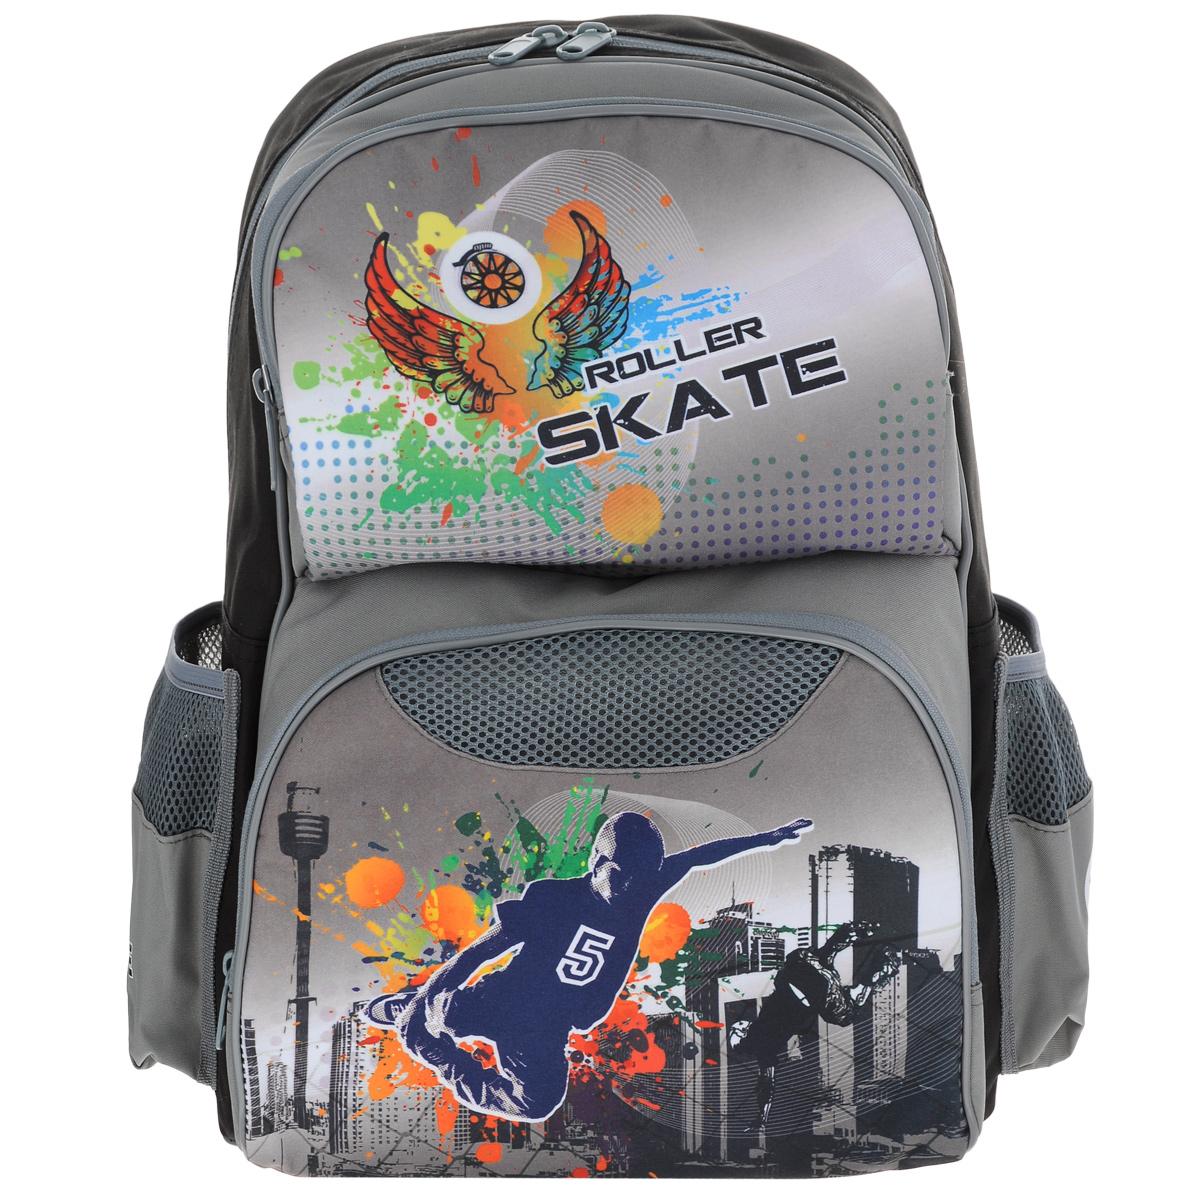 Ранец школьный Tiger Family Roller Skate, цвет: серый2904/TG_серыйСтильный школьный рюкзак Roller Skate небольшого размера - это красивый и удобный ранец, который подойдет всем, кто хочет разнообразить свои школьные будни. Ранец состоит из одного основного отделения, закрывающегося на застежку-молнию с двумя бегунками. Внутри - накладной открытый карман и разделитель. На внешней стороне рюкзак имеет два накладных кармана на застежке-молнии. По бокам рюкзак имеет два сетчатых кармана, затянутых резинкой.Благодаря анатомической спинке, повторяющей контур спины и двум эргономичным плечевым ремням, длина которых регулируется, у ребенка не возникнут проблемы с позвоночником. Также есть текстильная ручка, с прорезиненной вставкой, для удобной переноски. Многофункциональный школьный ранец станет незаменимым спутником вашего ребенка в походах за знаниями.